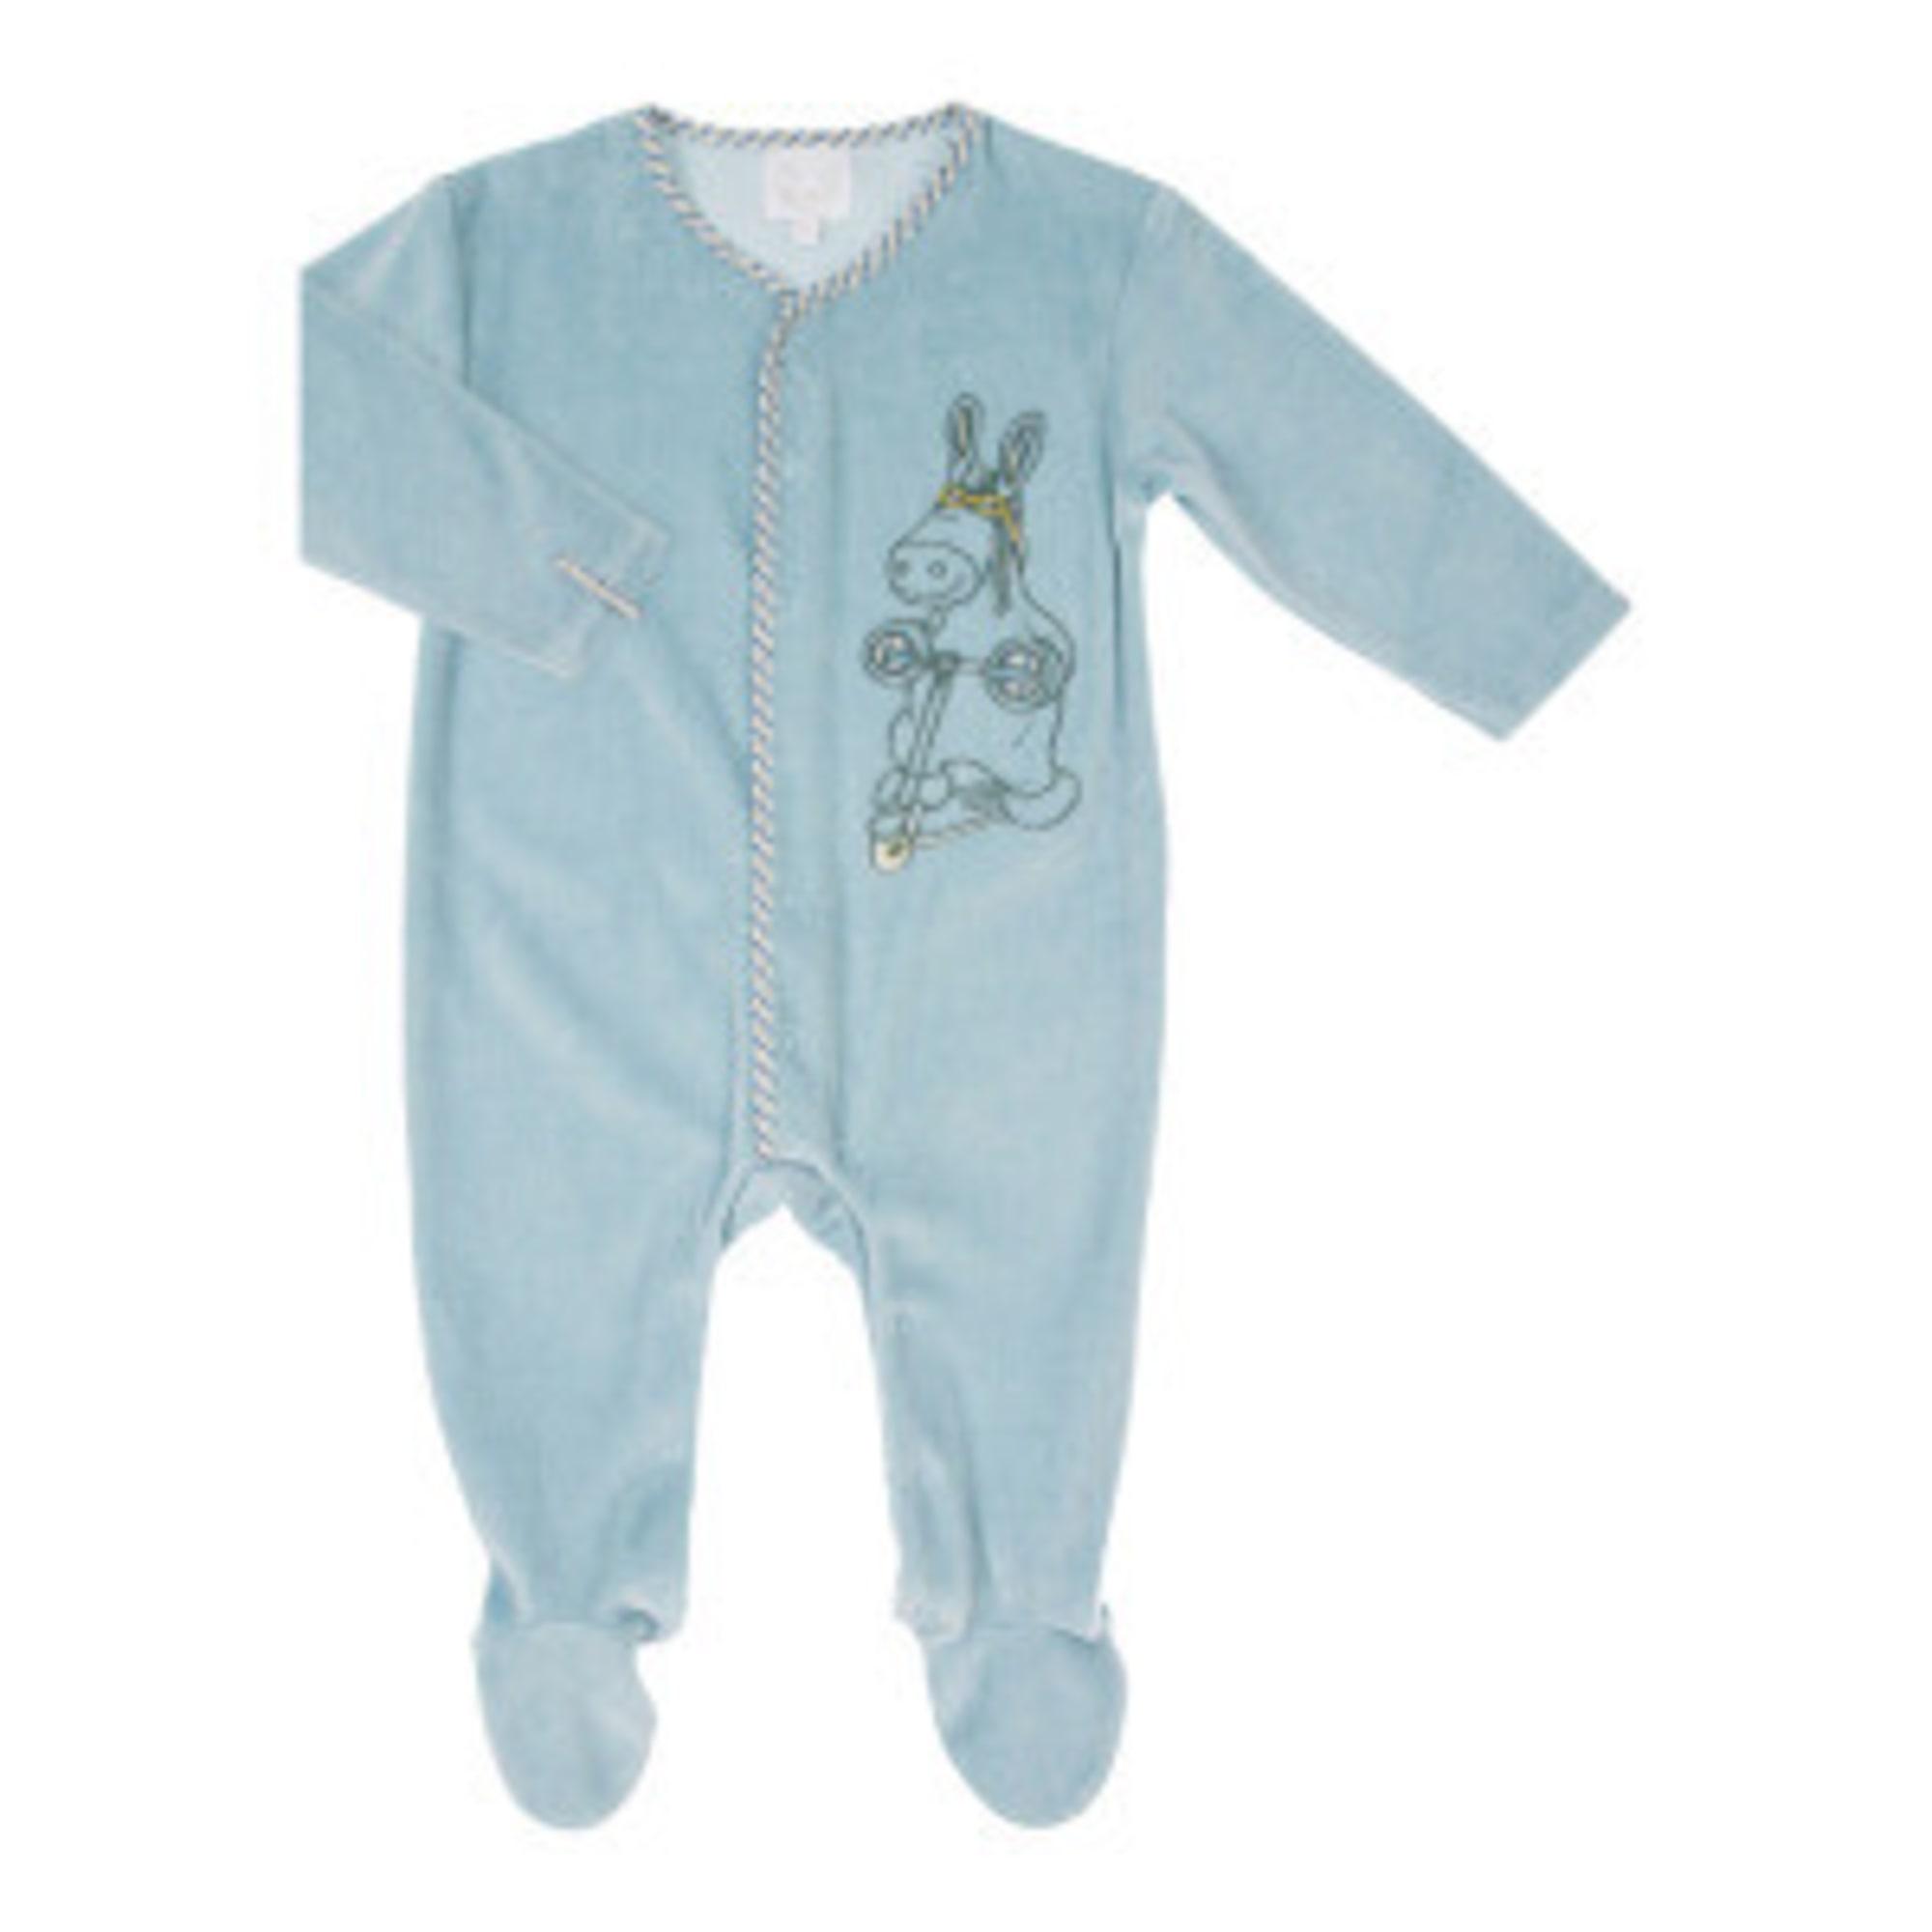 Pyjama NOUKIES Bleu, bleu marine, bleu turquoise